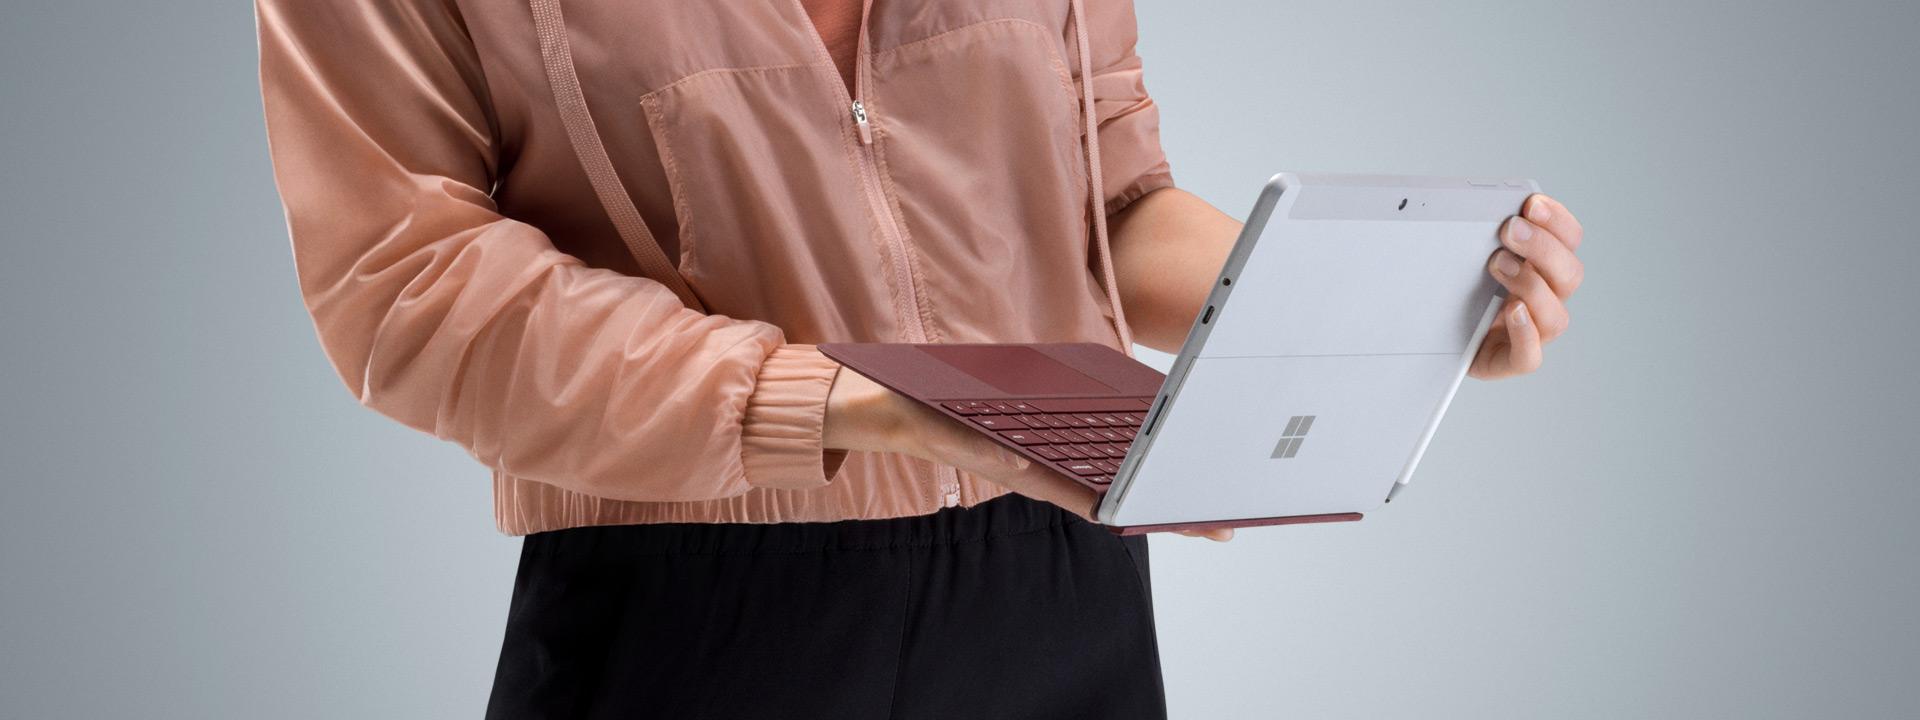 فتاة بمعطف وردي اللون تحمل جهاز Surface Go